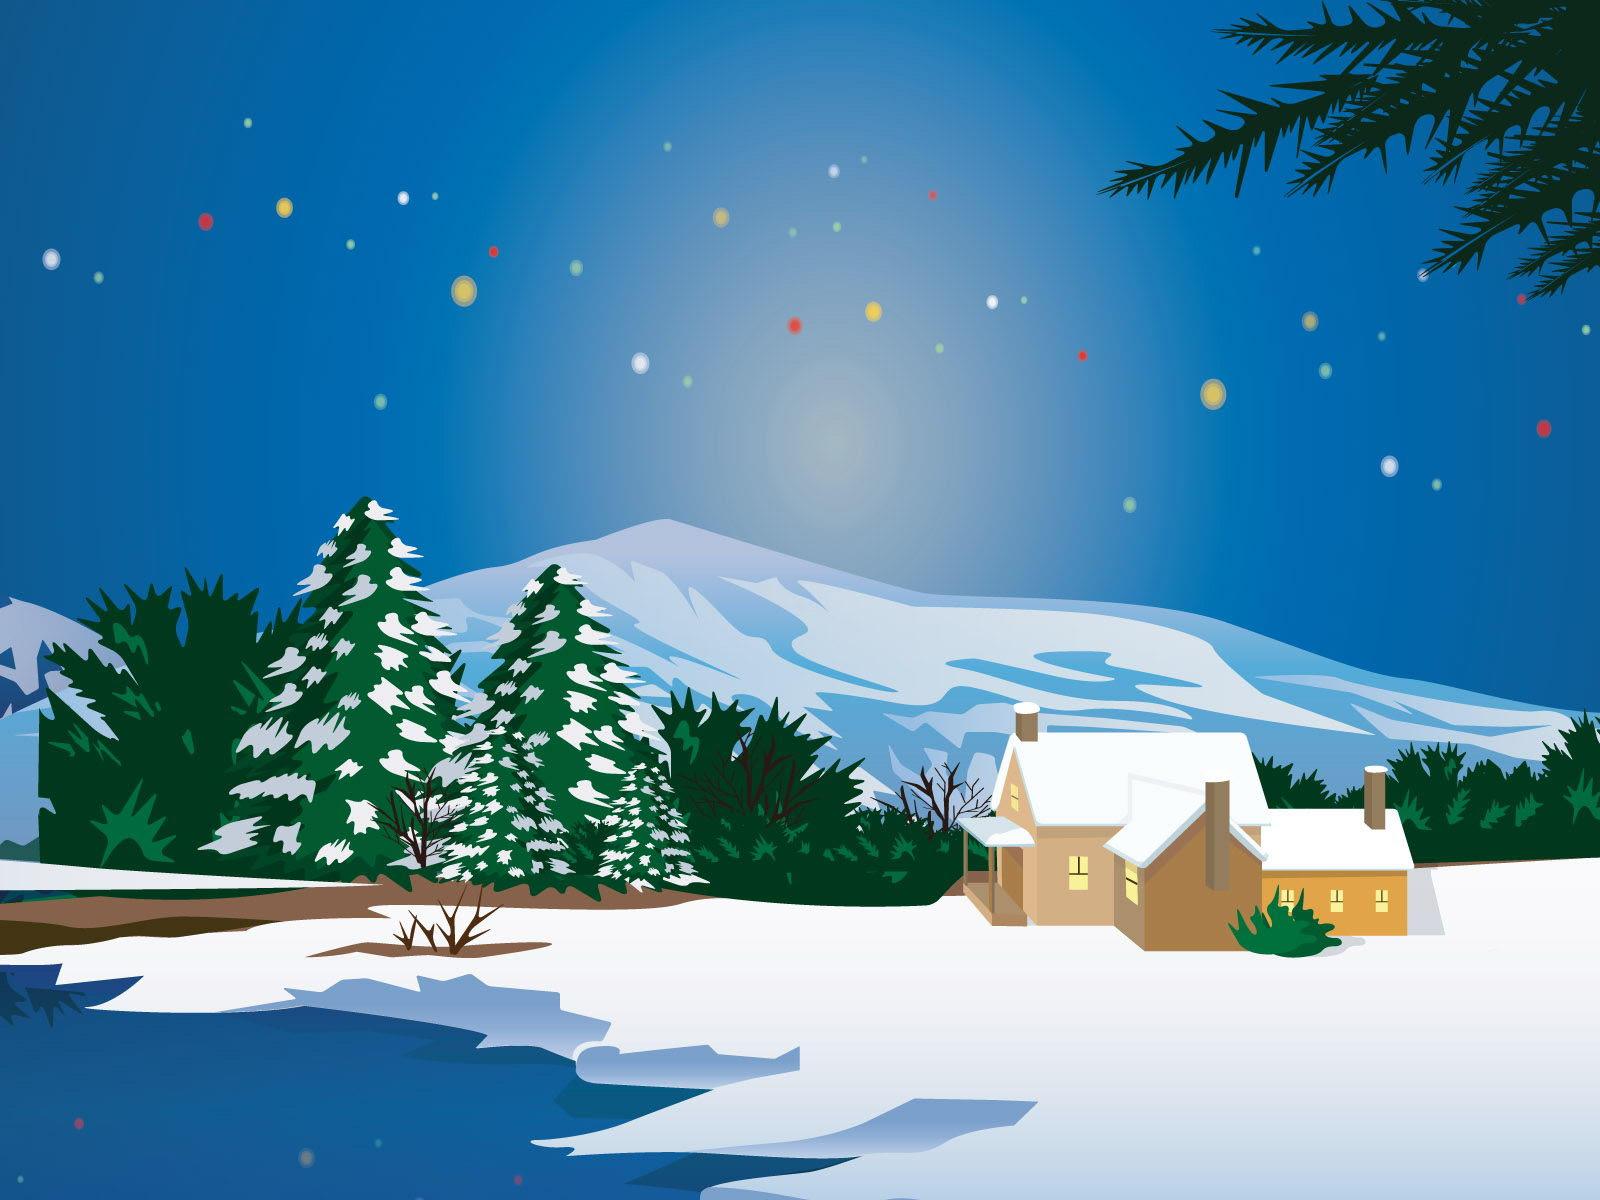 アニメ壁紙 無料ダウンロード 冬の壁紙